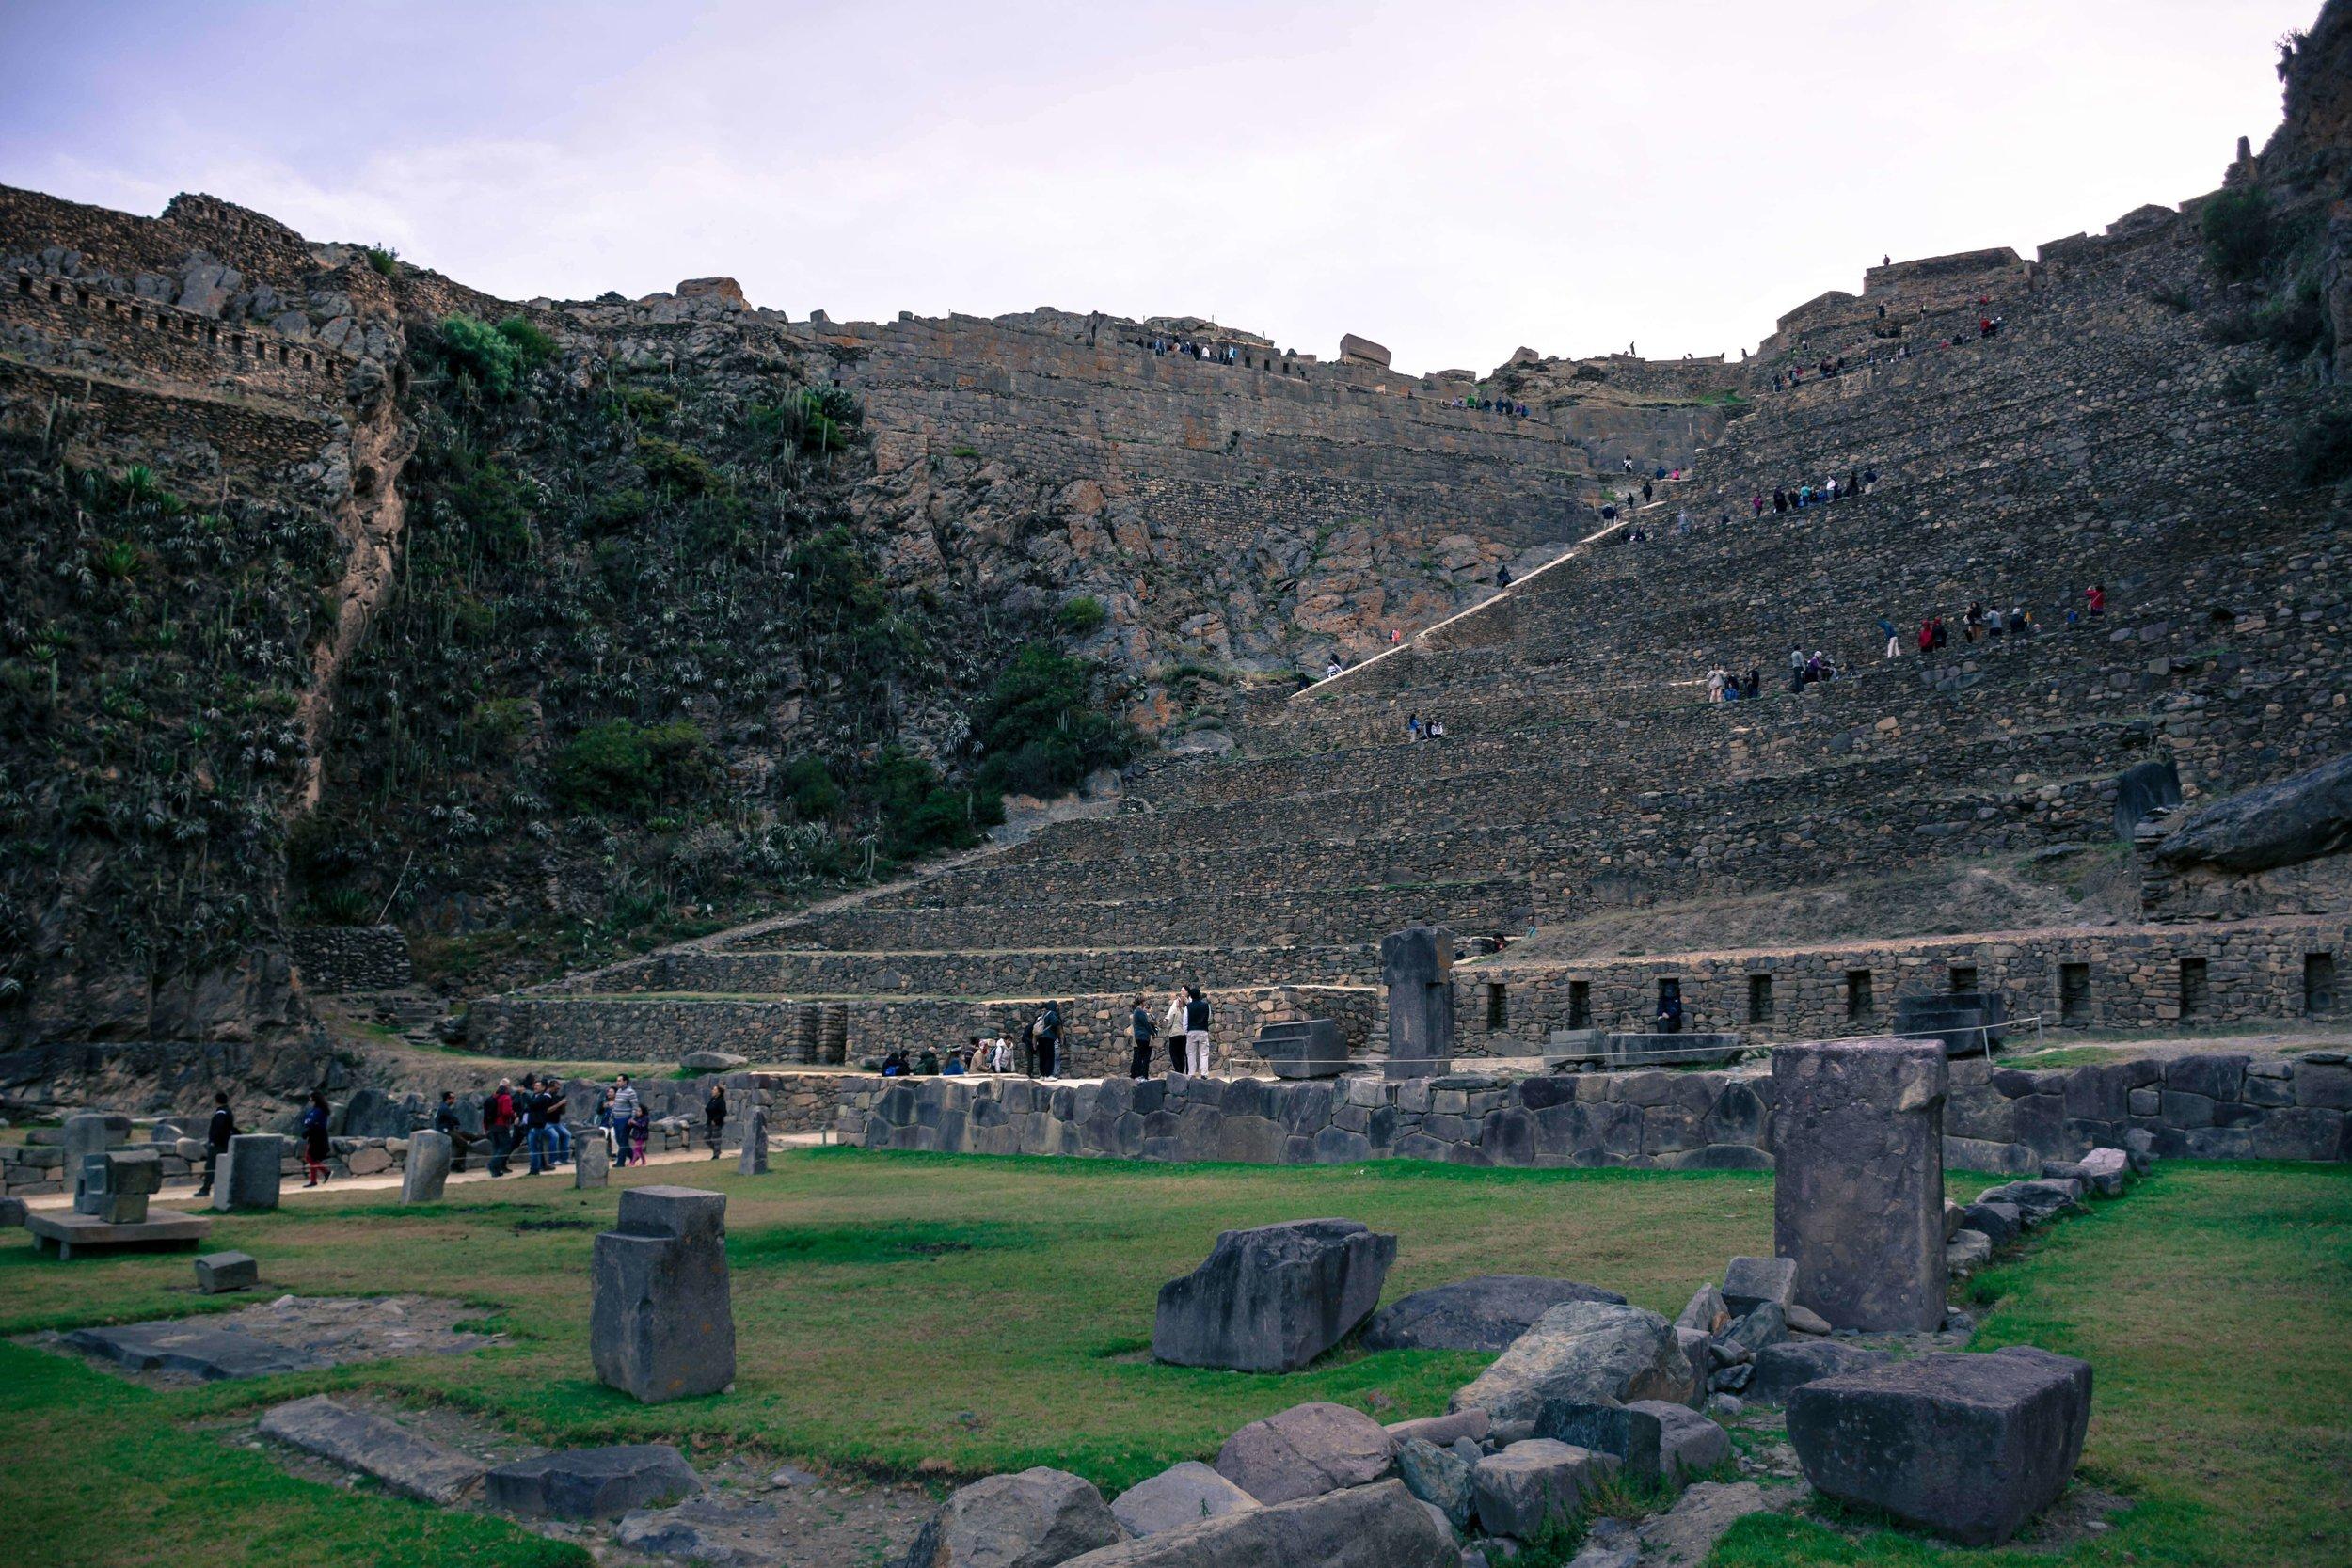 South America Tours   Machu Picchu to Uyuni Salt Flats    Inquire